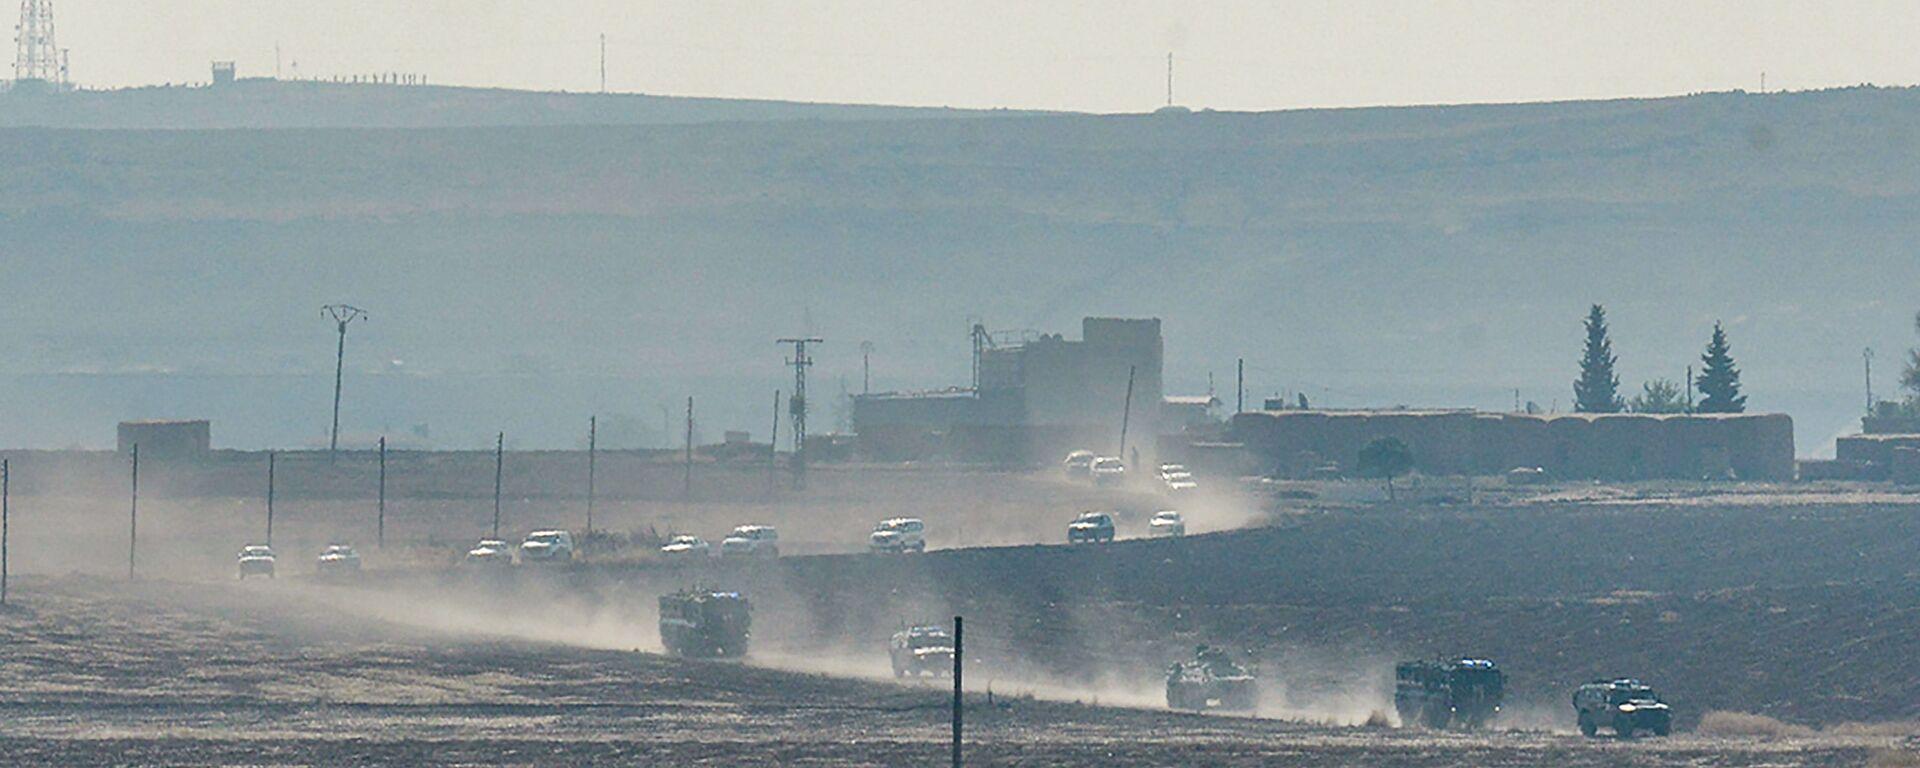 Tureckie i rosyjskie pojazdy patrolowe w pobliżu tureckiego miasta granicznego Kyzyltepe w prowincji Mardin, Turcja - Sputnik Polska, 1920, 01.11.2019